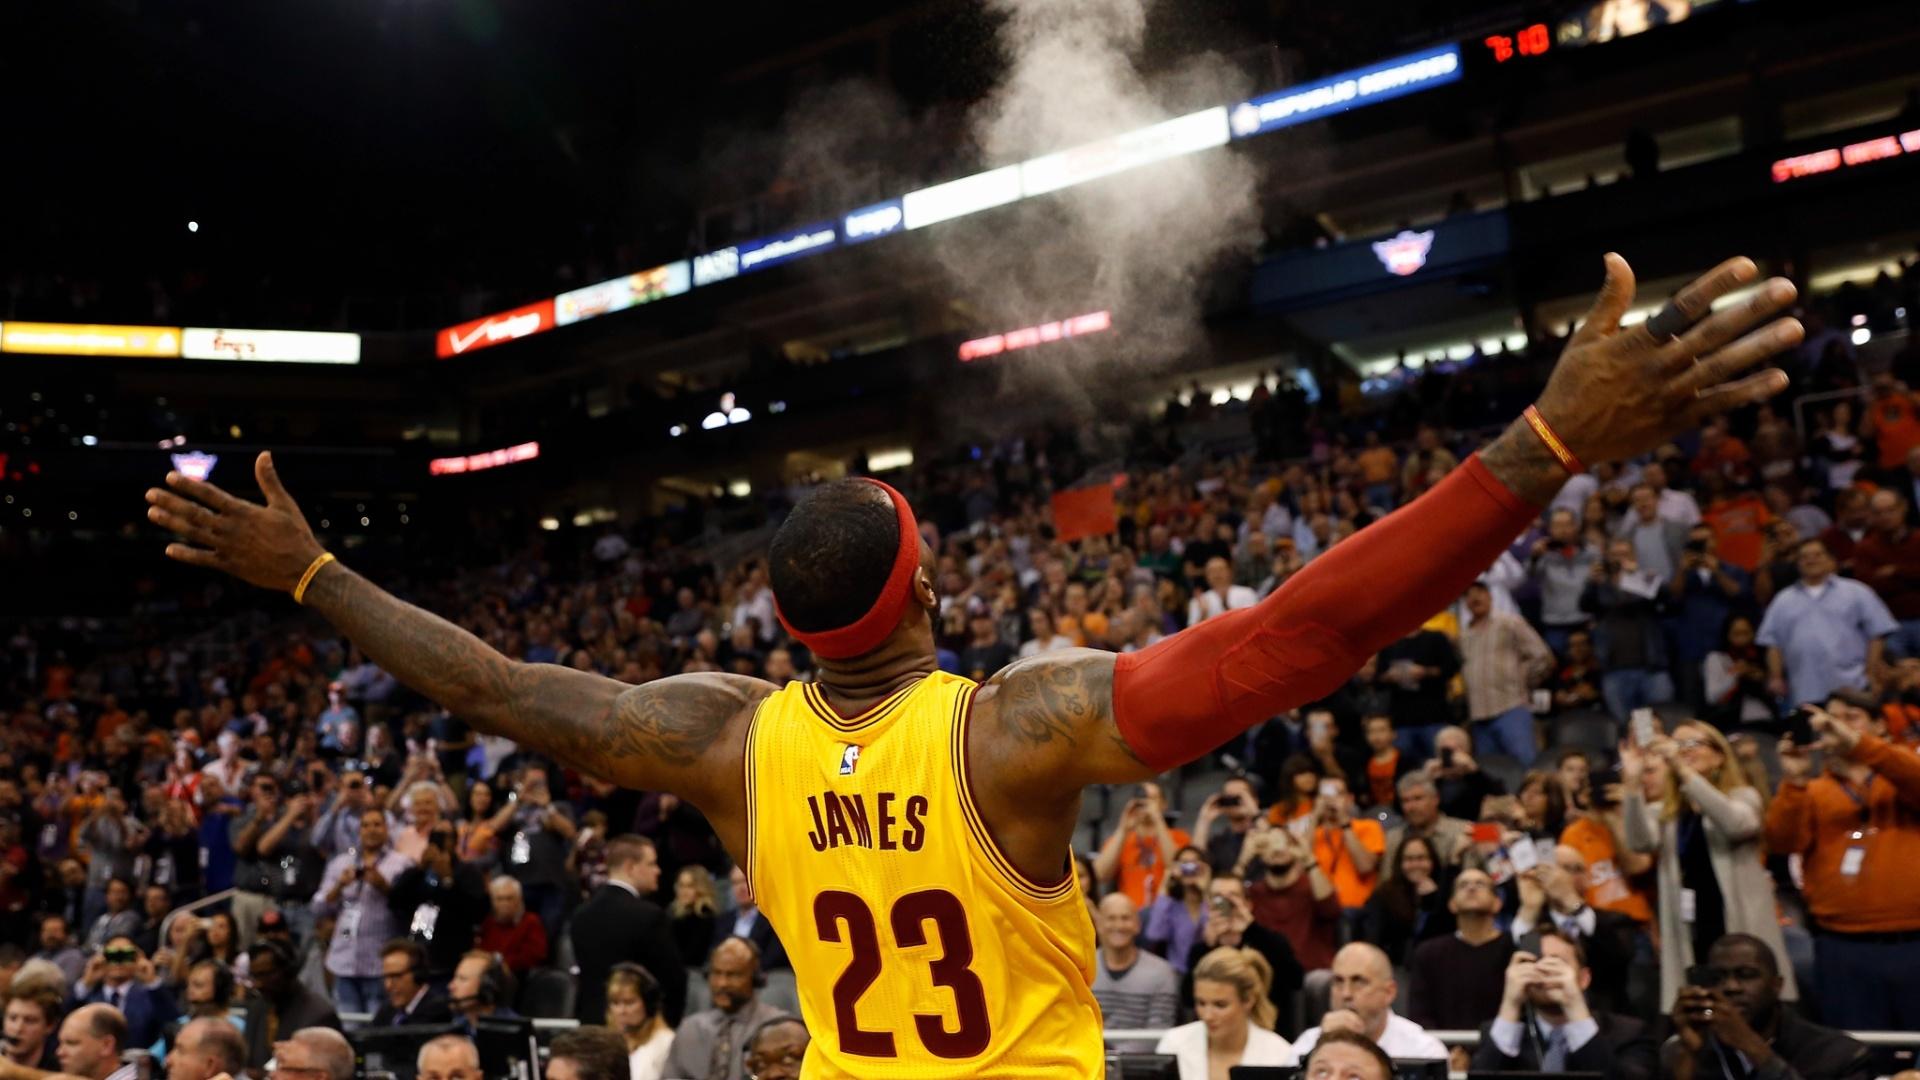 13.jan - LeBron James comemora ponto na frente da torcida adversária, em jogo do Cleveland Cavaliers contra o Phoenix Suns, na NBA